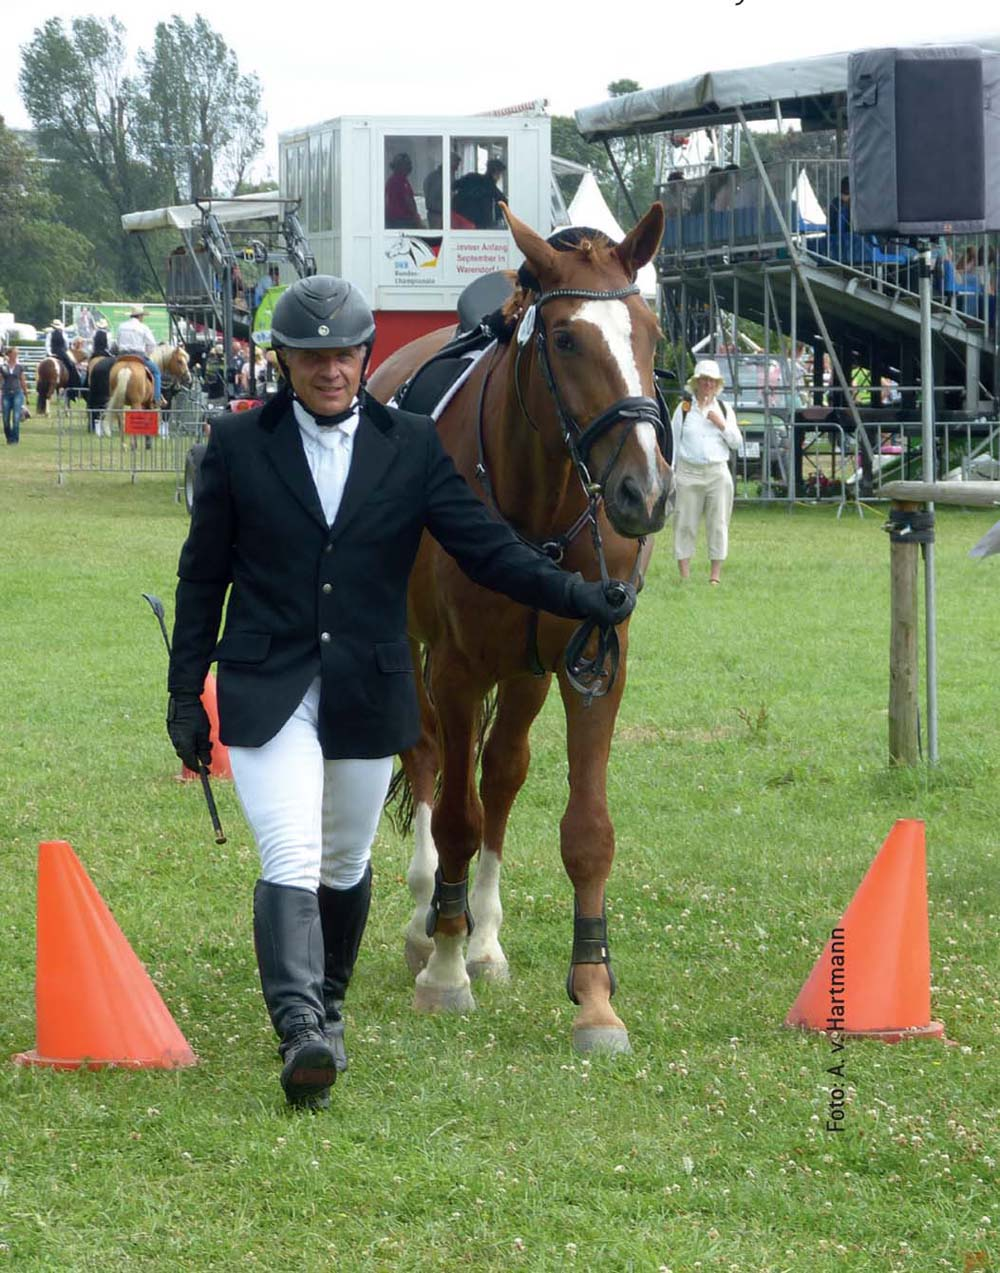 Der PM-Cup Ü35 als Wettbewerb für Erwachsene Neu- und Wiedereinsteiger fand in 2014 erstmalig statt. Geprüft wurden die Bereiche Umgang mit dem Pferd, reiterliche Grundausbildung und das theoretische Wissen rund ums Pferd.